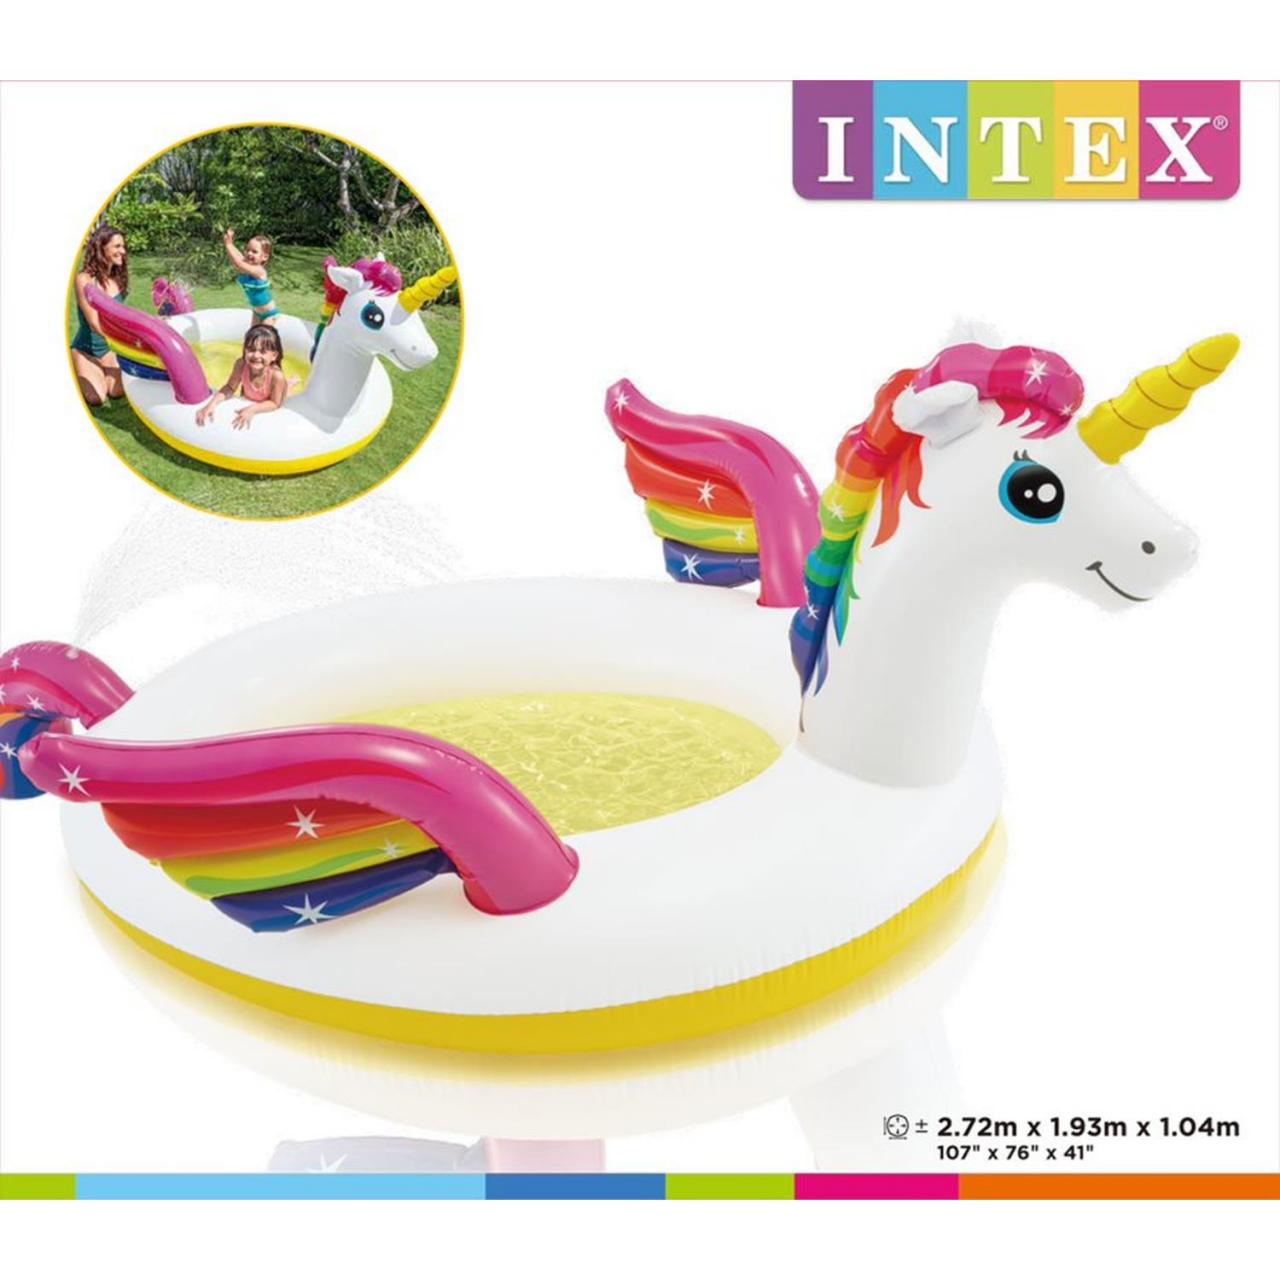 Intex Schimmbad Einhorn Planschbecken Unicorn 272x193x104cm + Fontäne aufblasbar